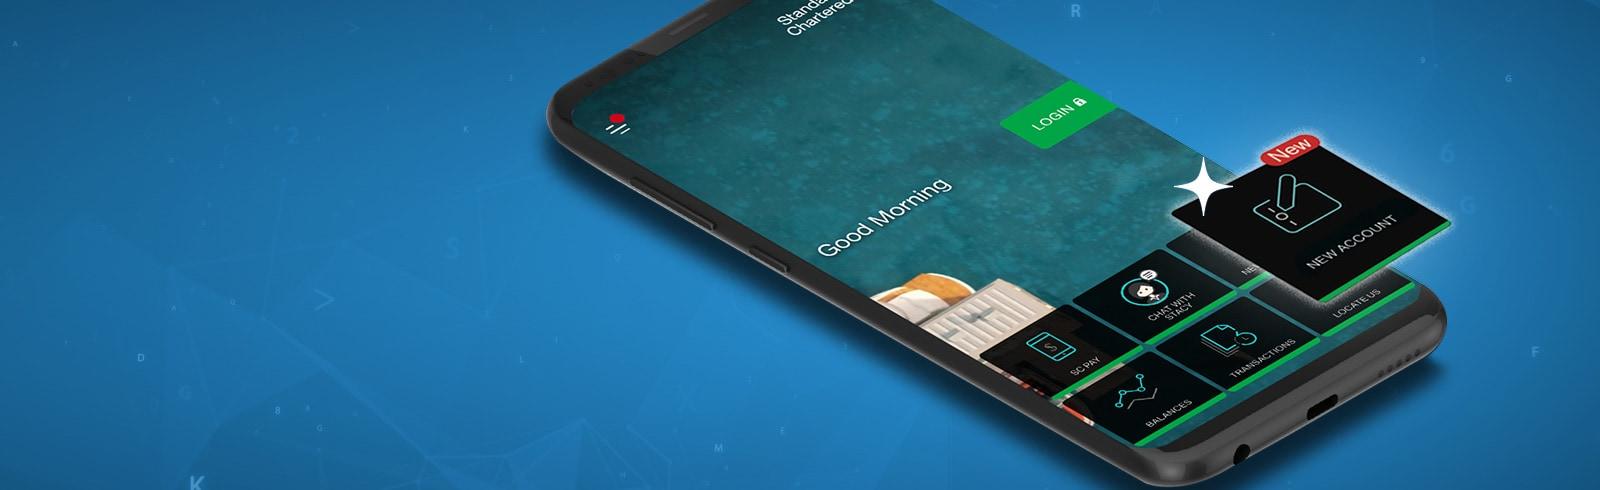 Hk mobile account openning en